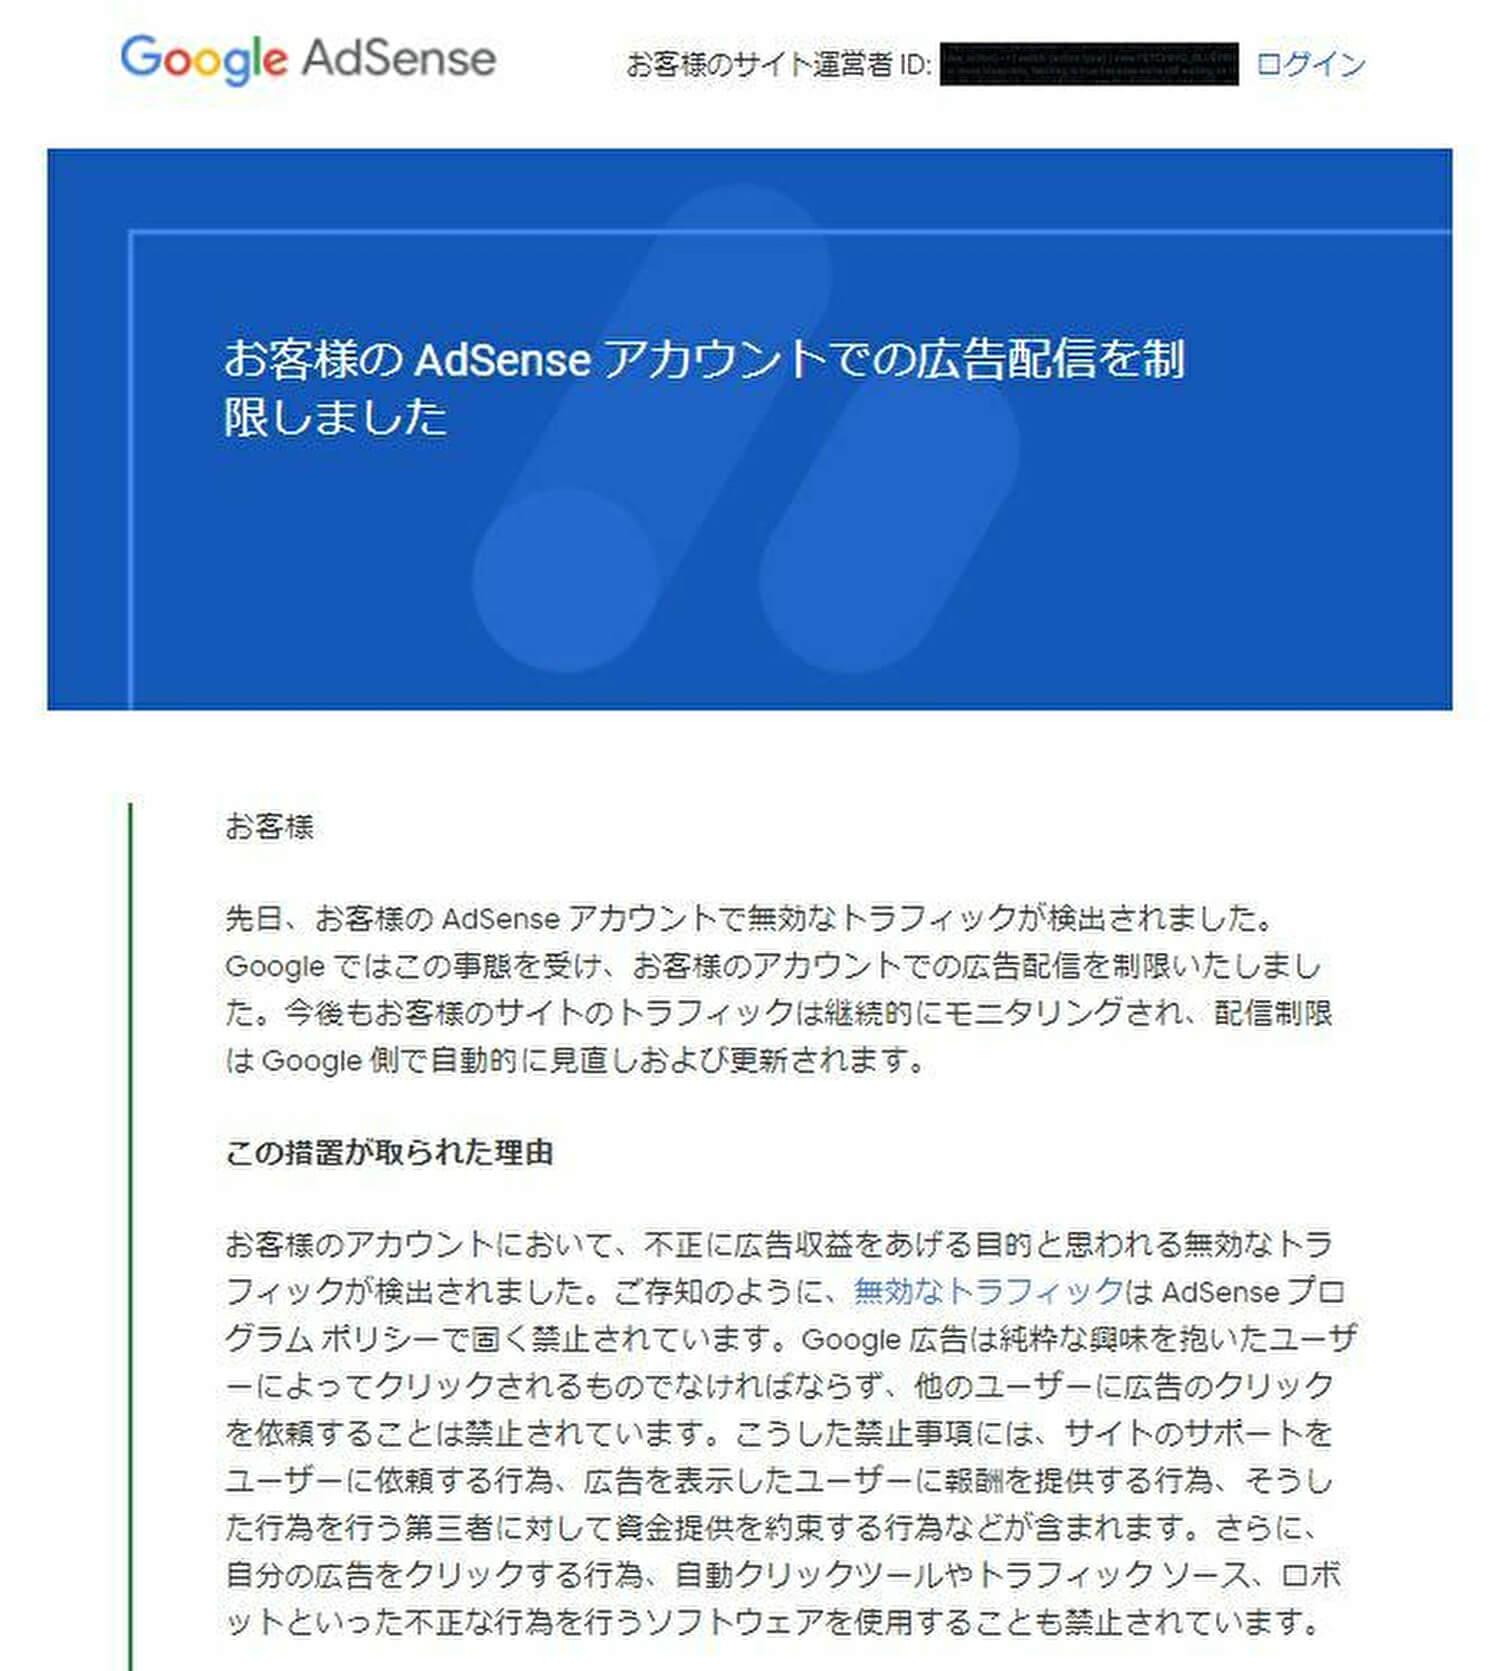 お客様のAdSenseアカウントでの広告配信を制限しました02